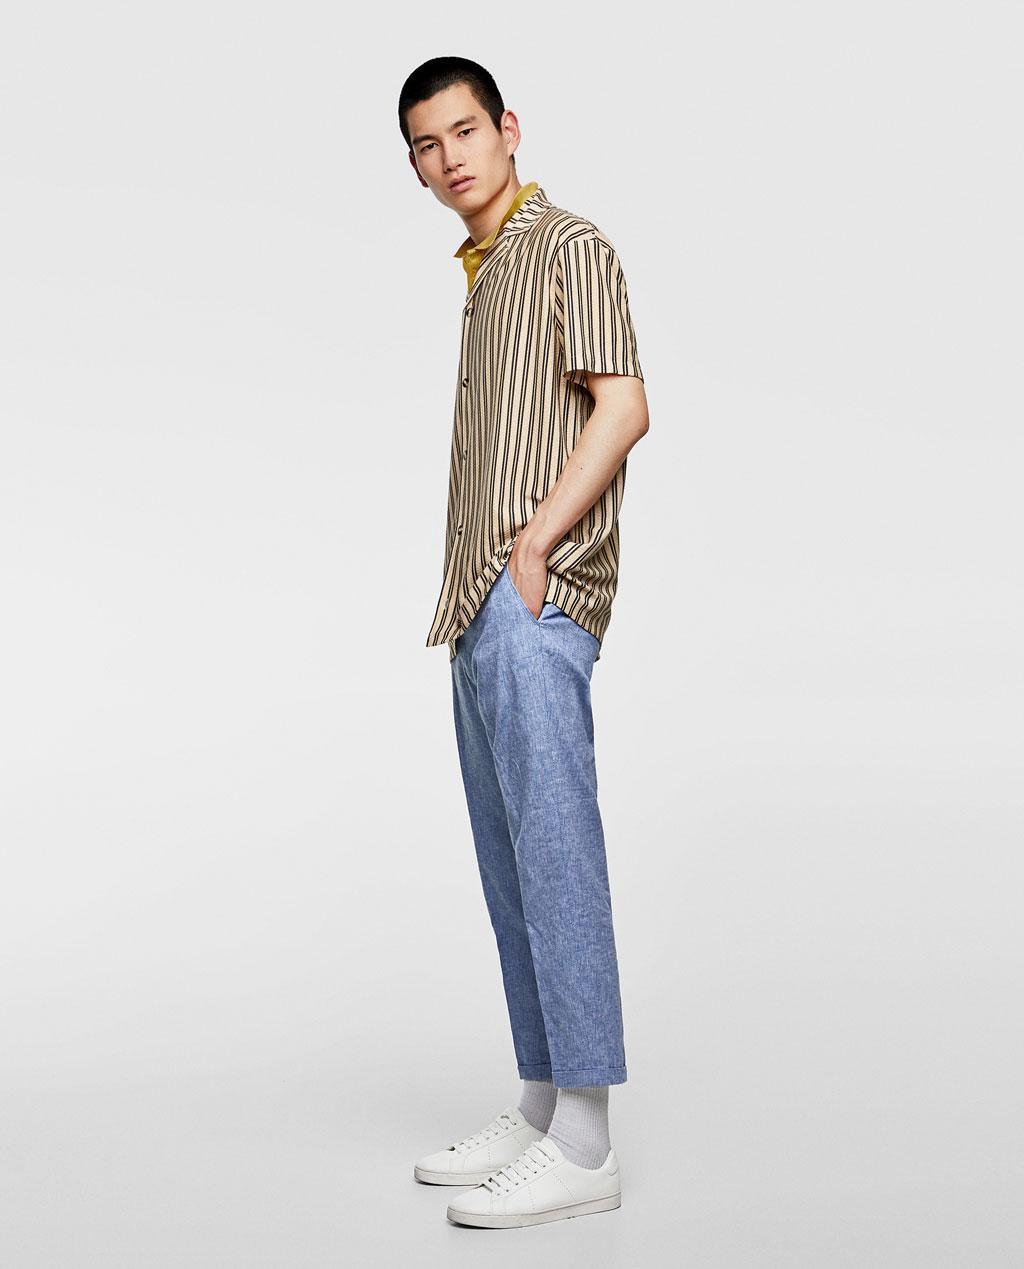 Thời trang nam Zara  23927 - ảnh 4